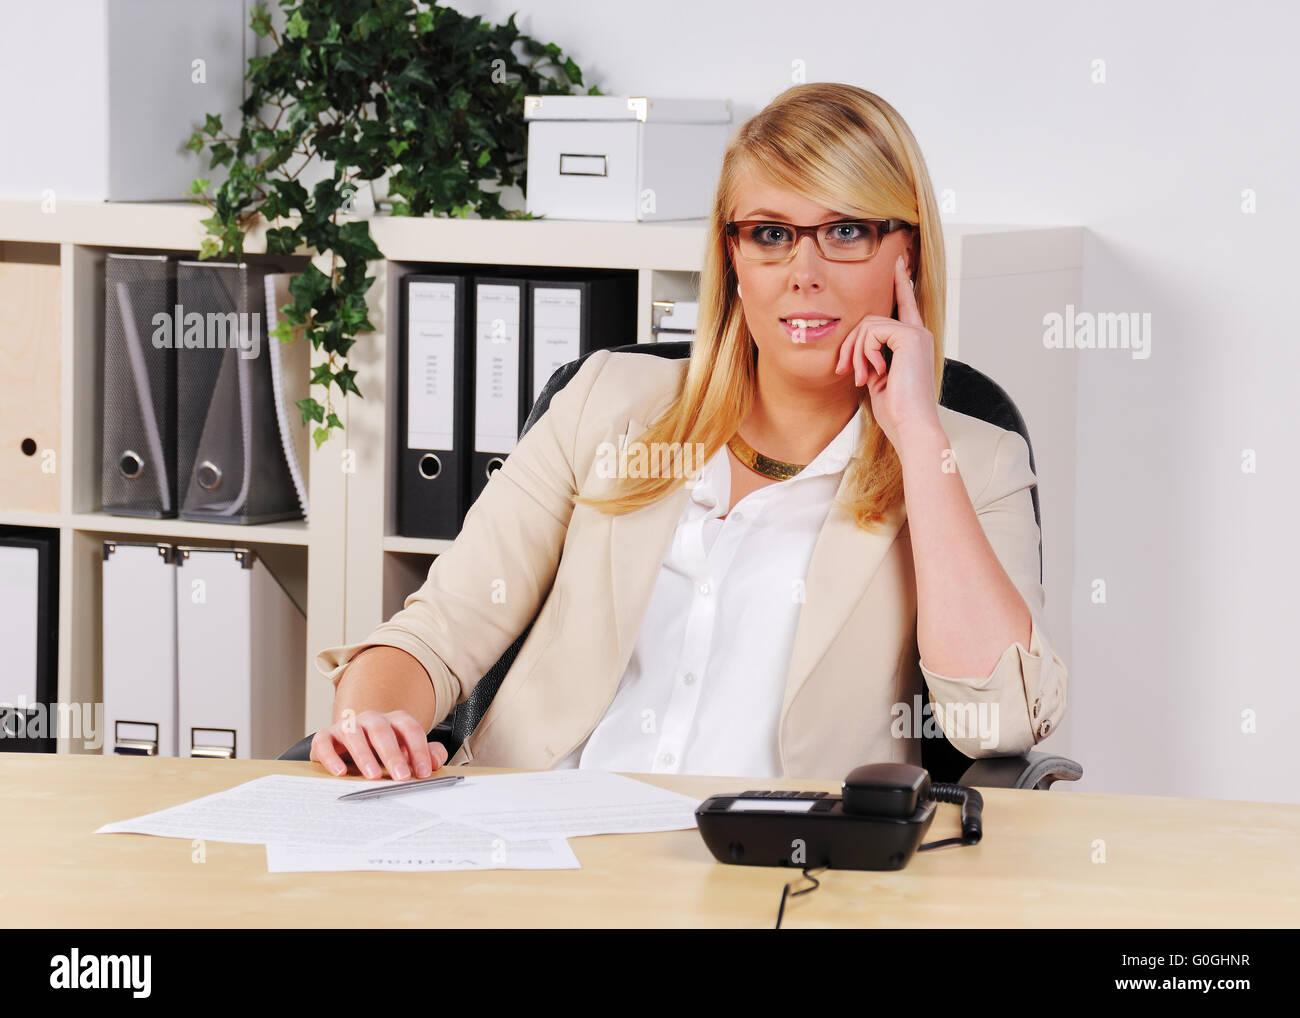 junge Frau im Büro Stockbild